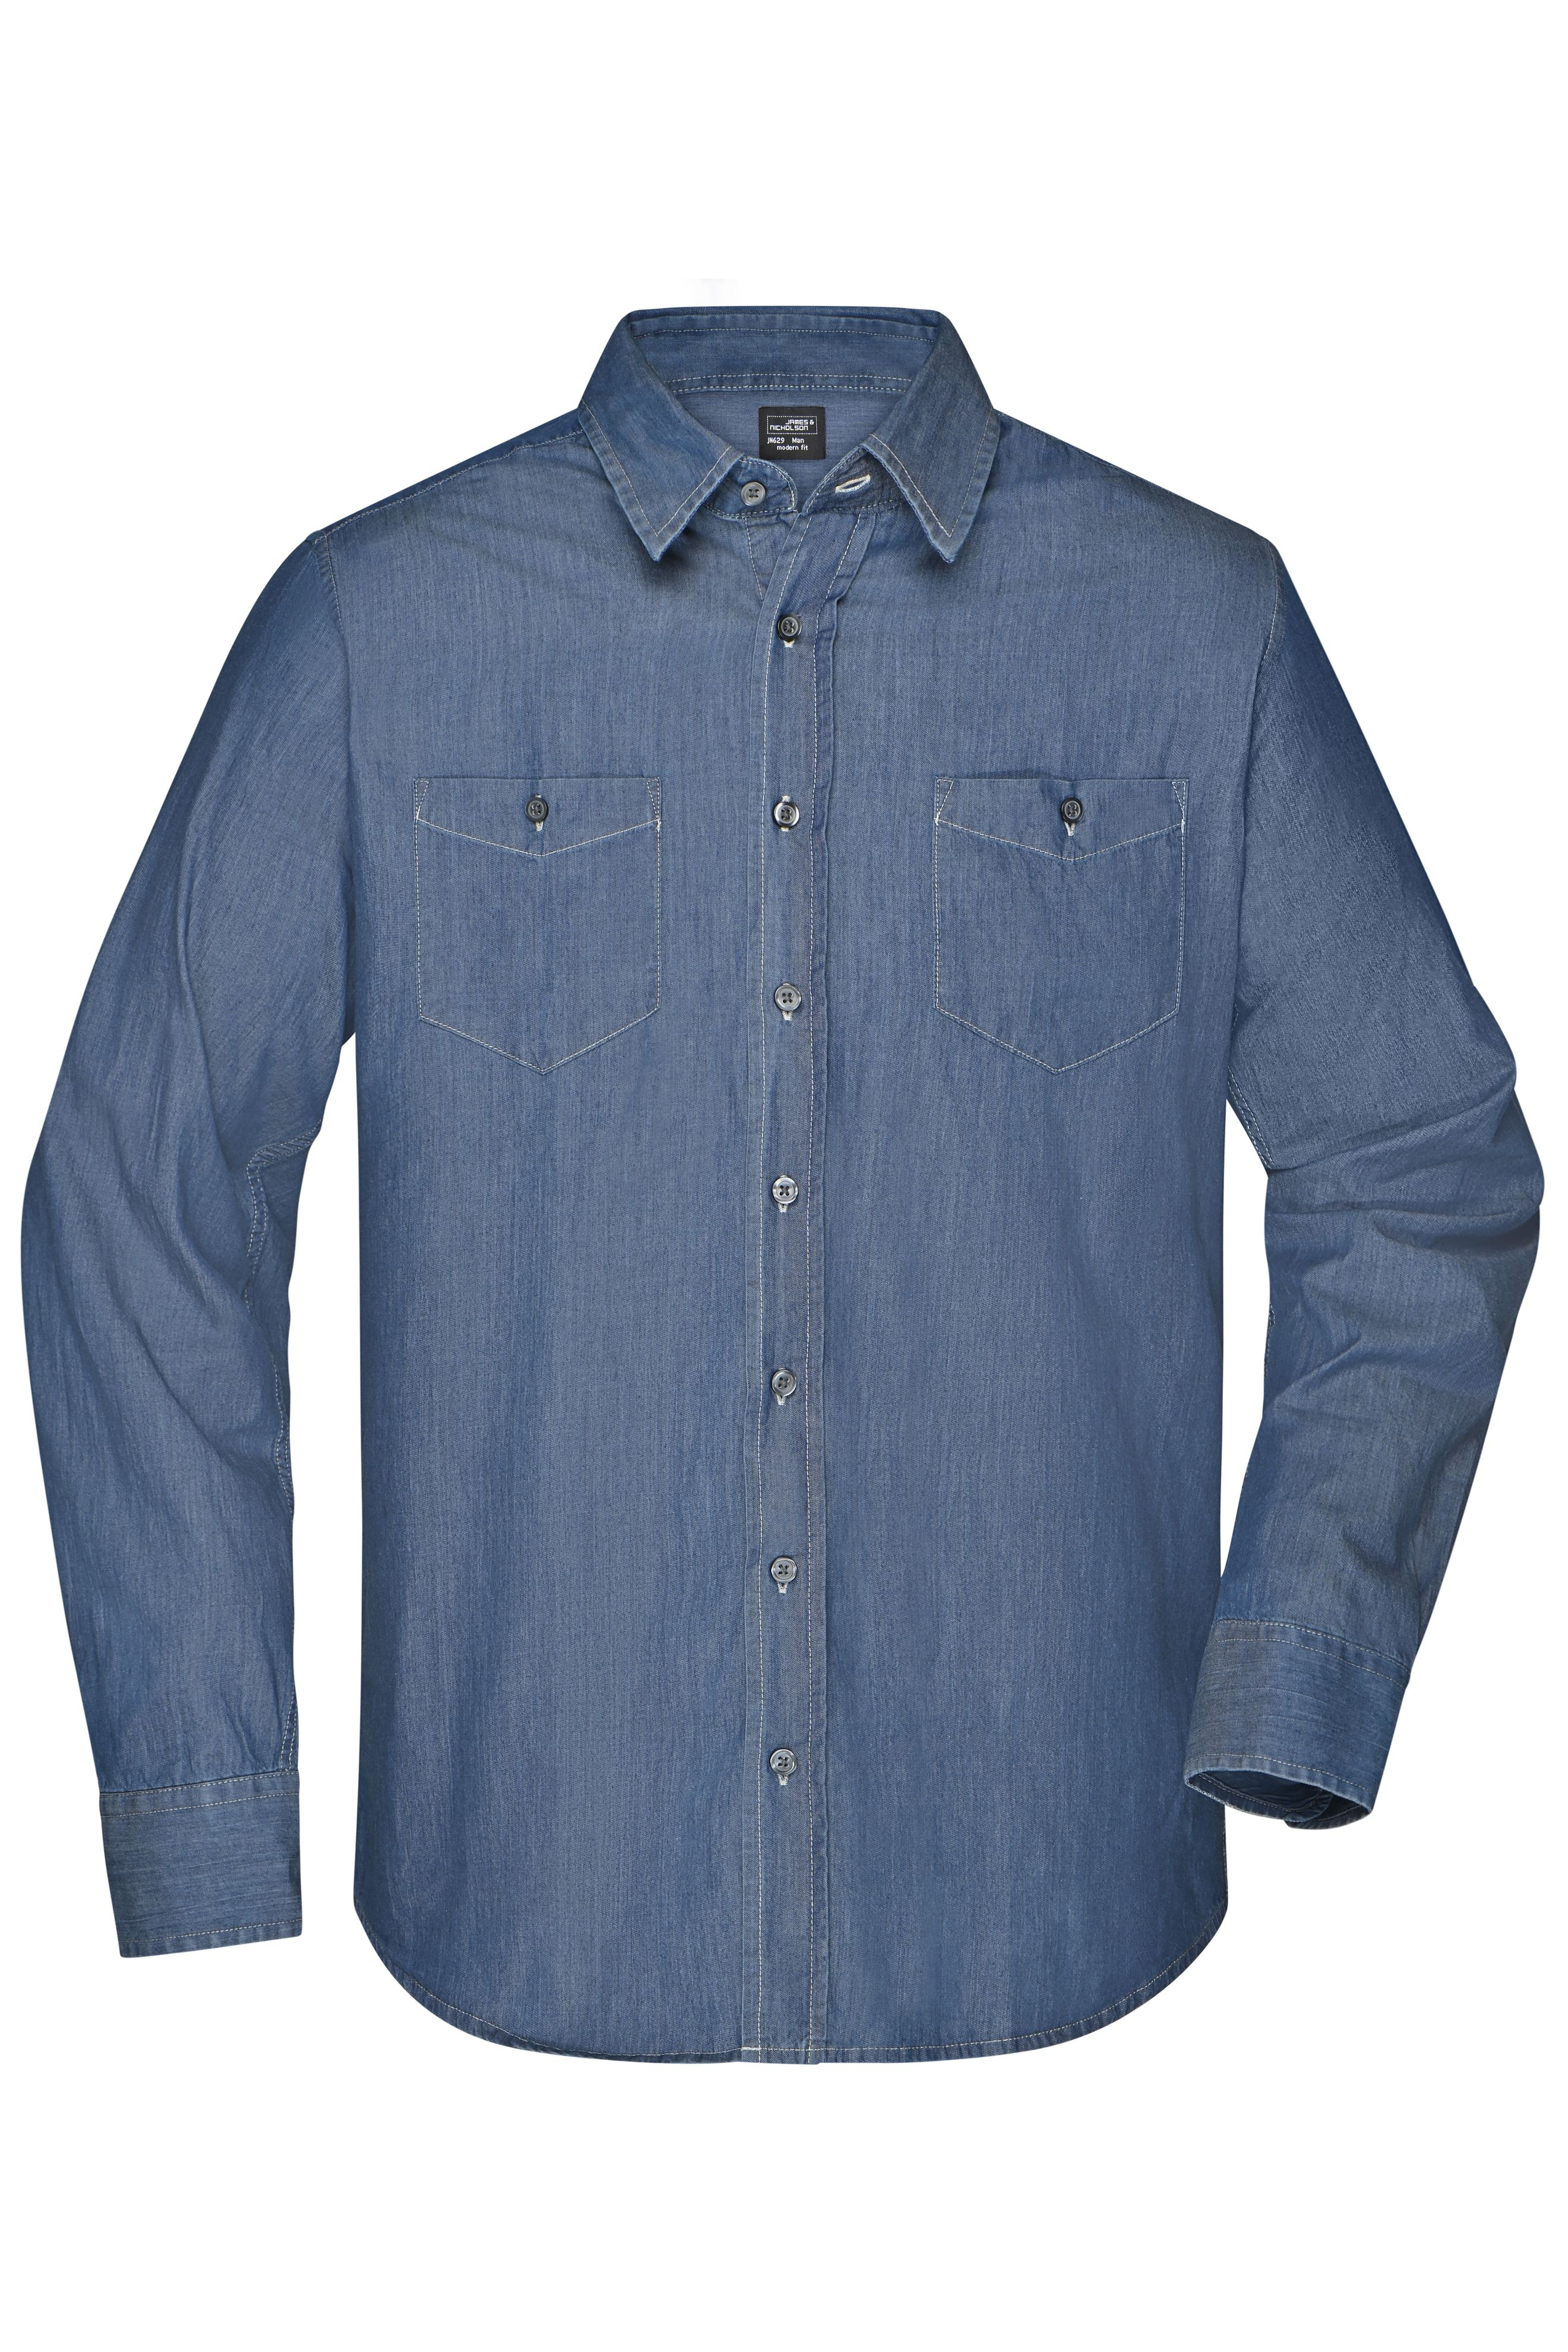 Trendiges Jeanshemd